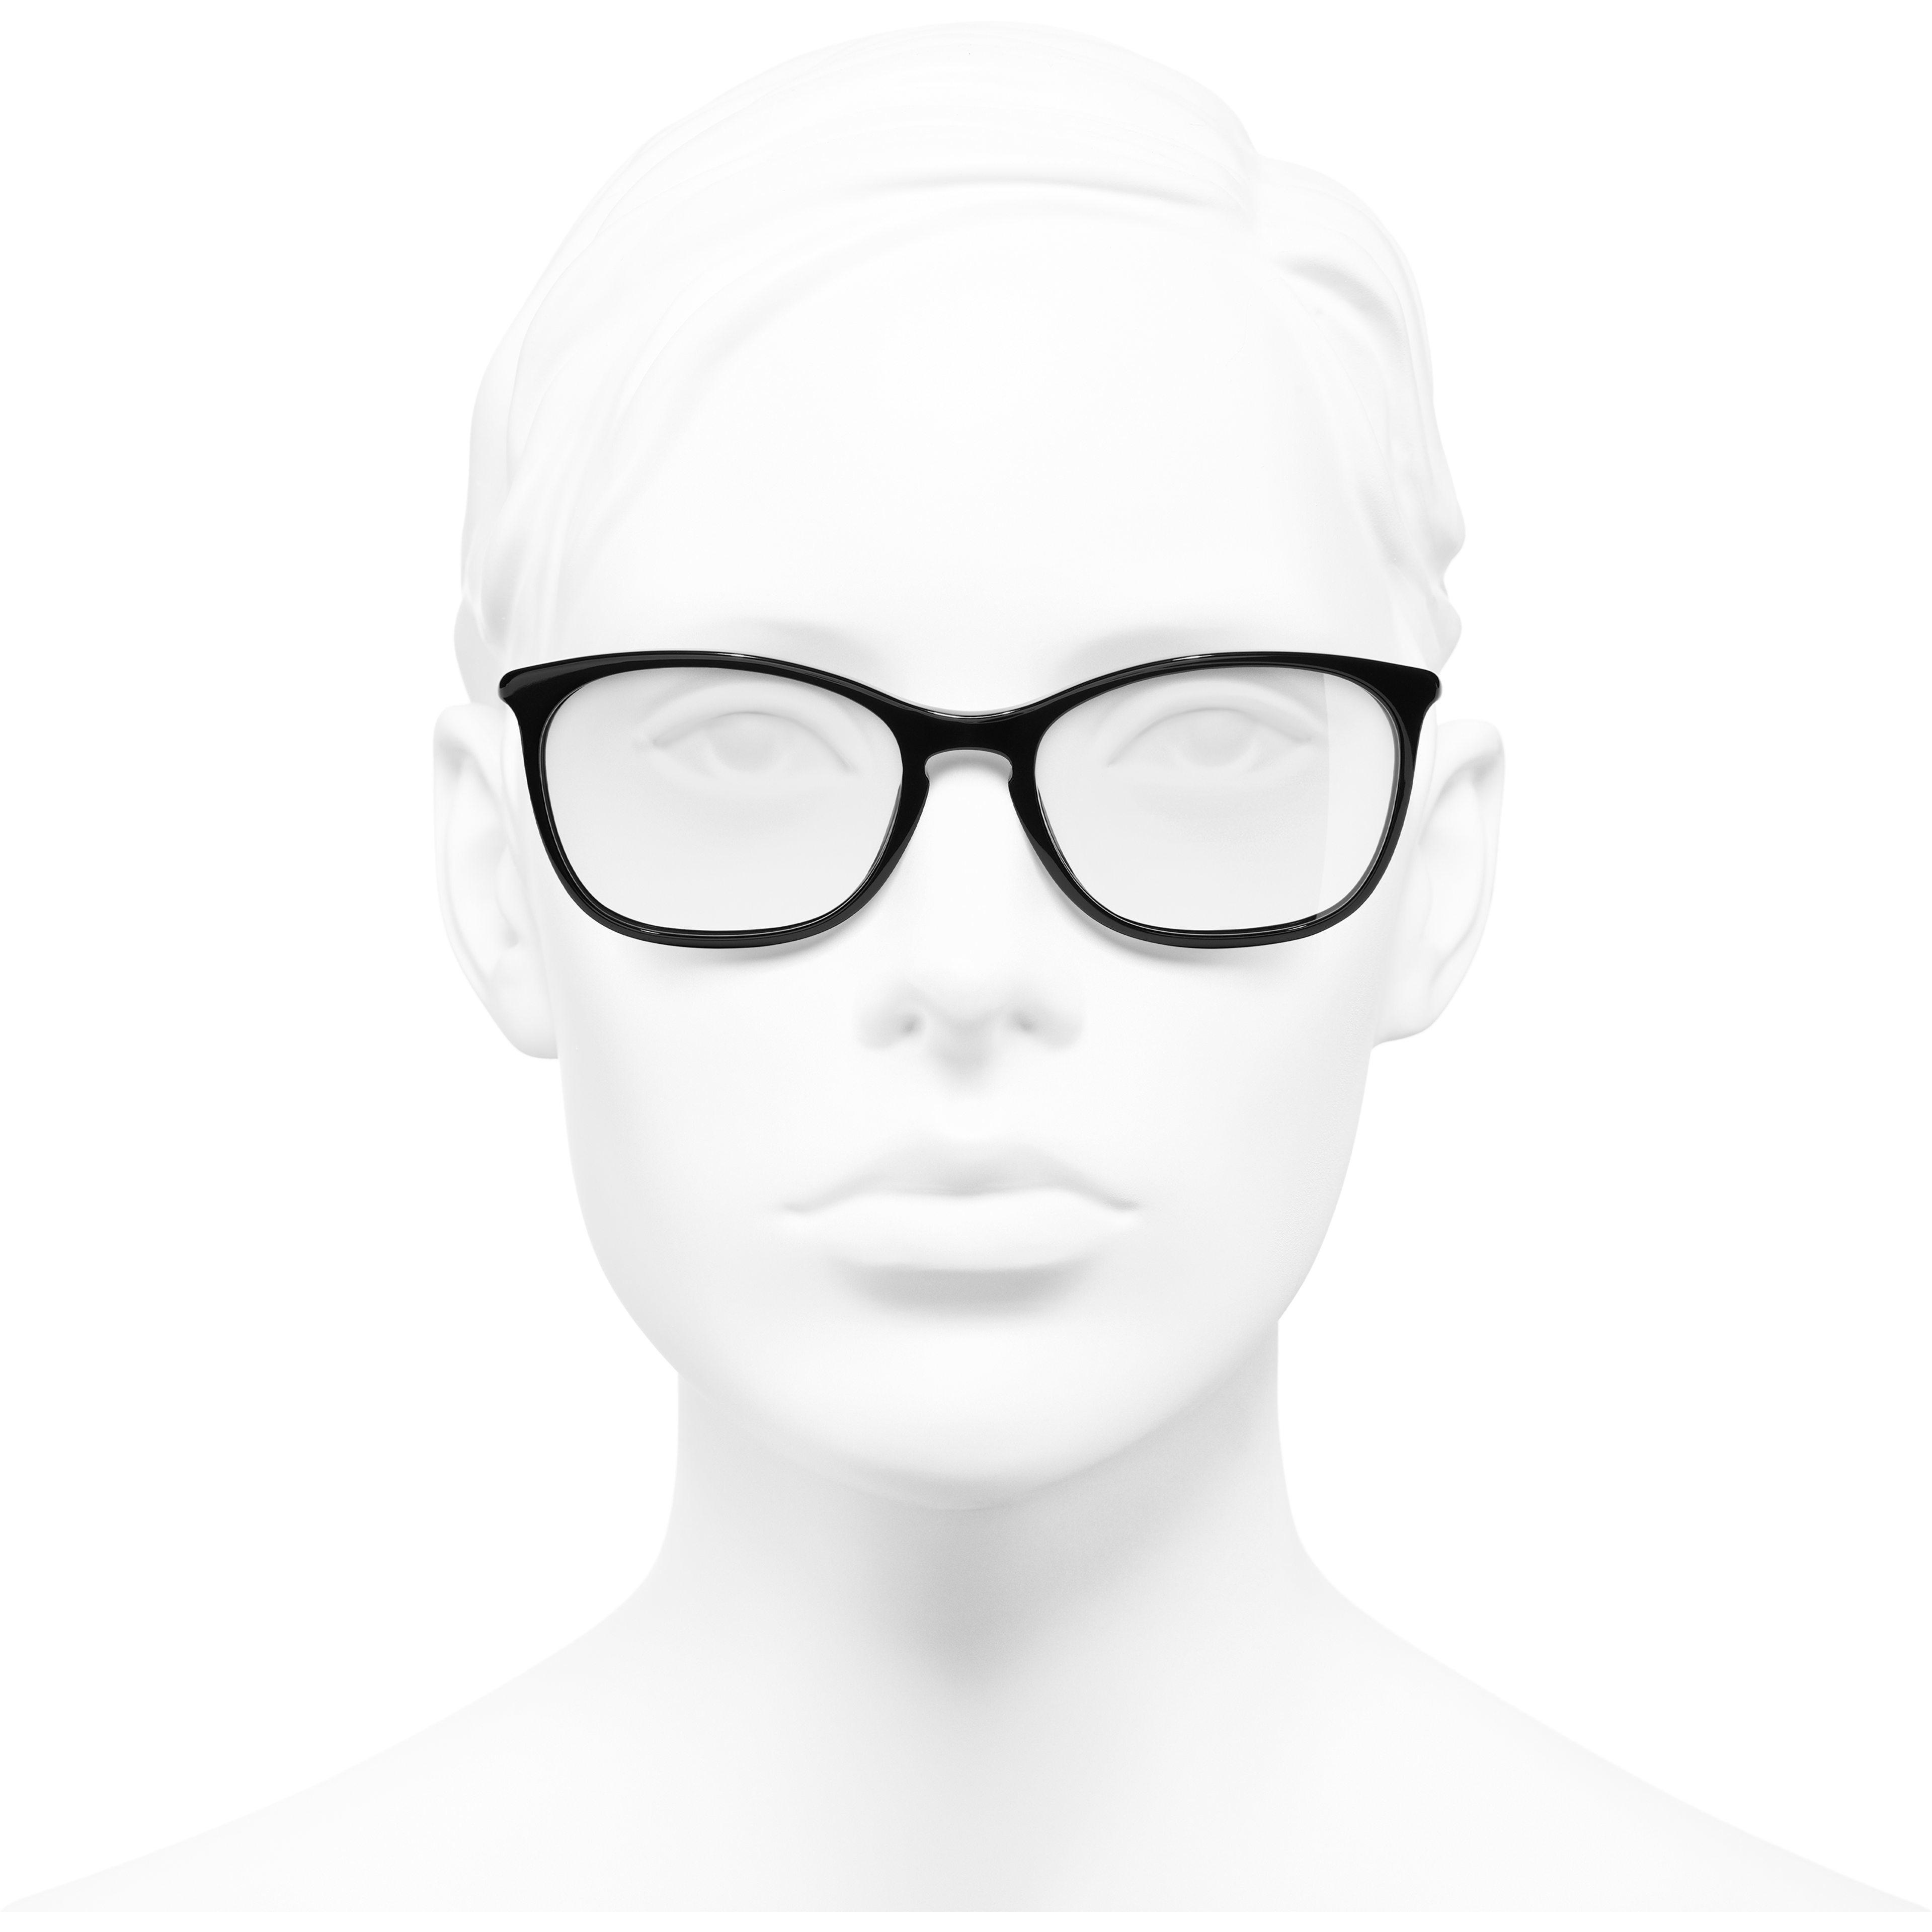 Lunettes rectangles - Noir - Acétate - CHANEL - Vue de face portée - voir la version taille standard